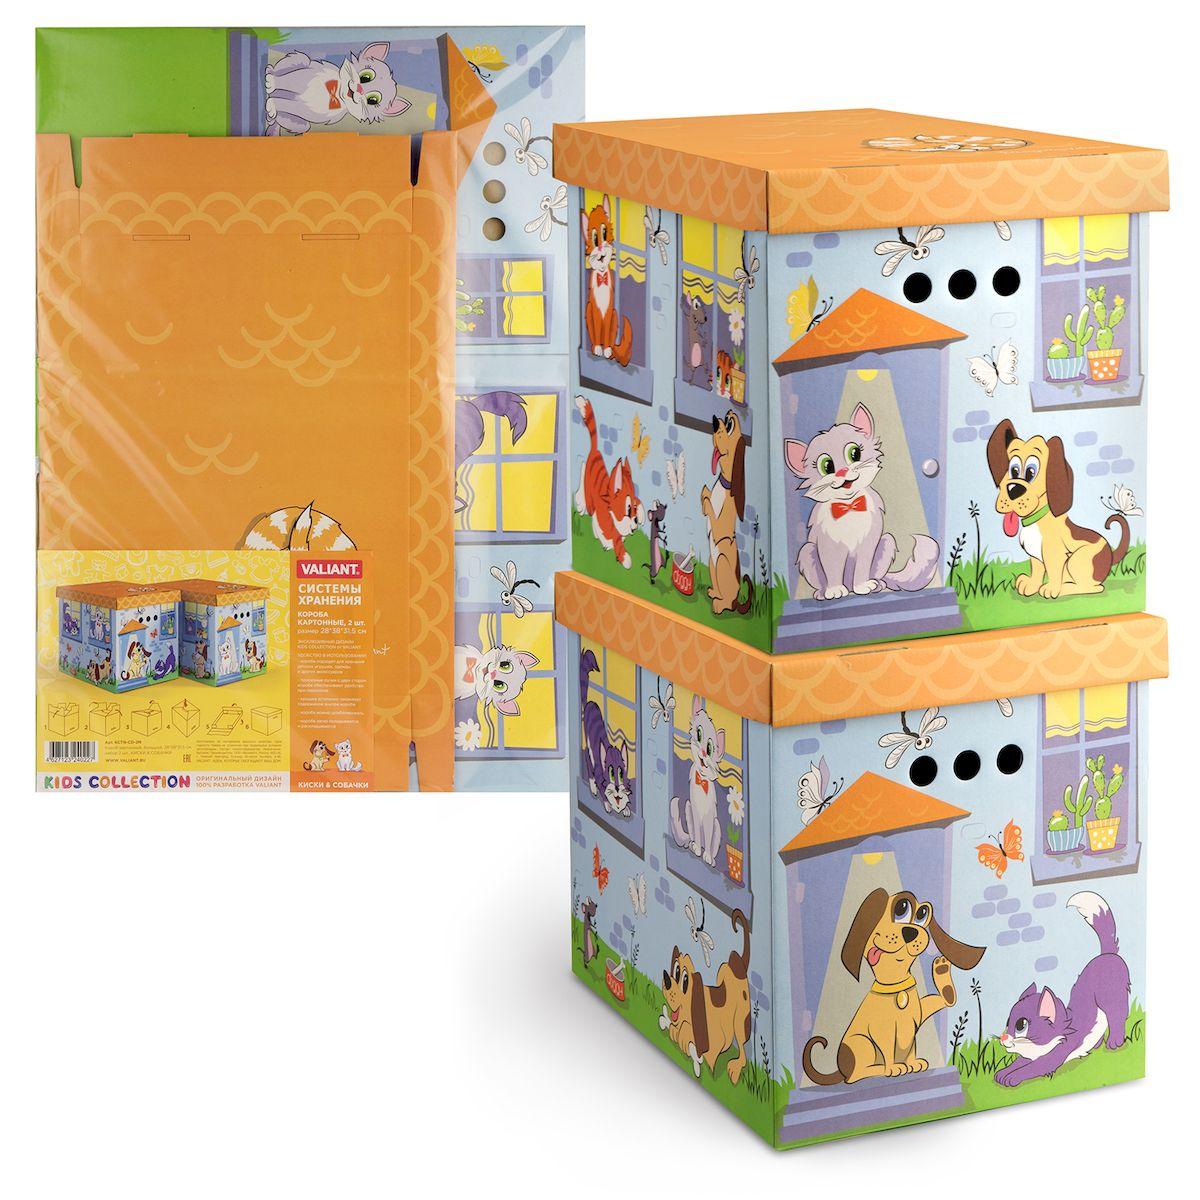 Короб для хранения Valiant Киски&Собачки, 28х38х31,5 см, складной, 2 шт